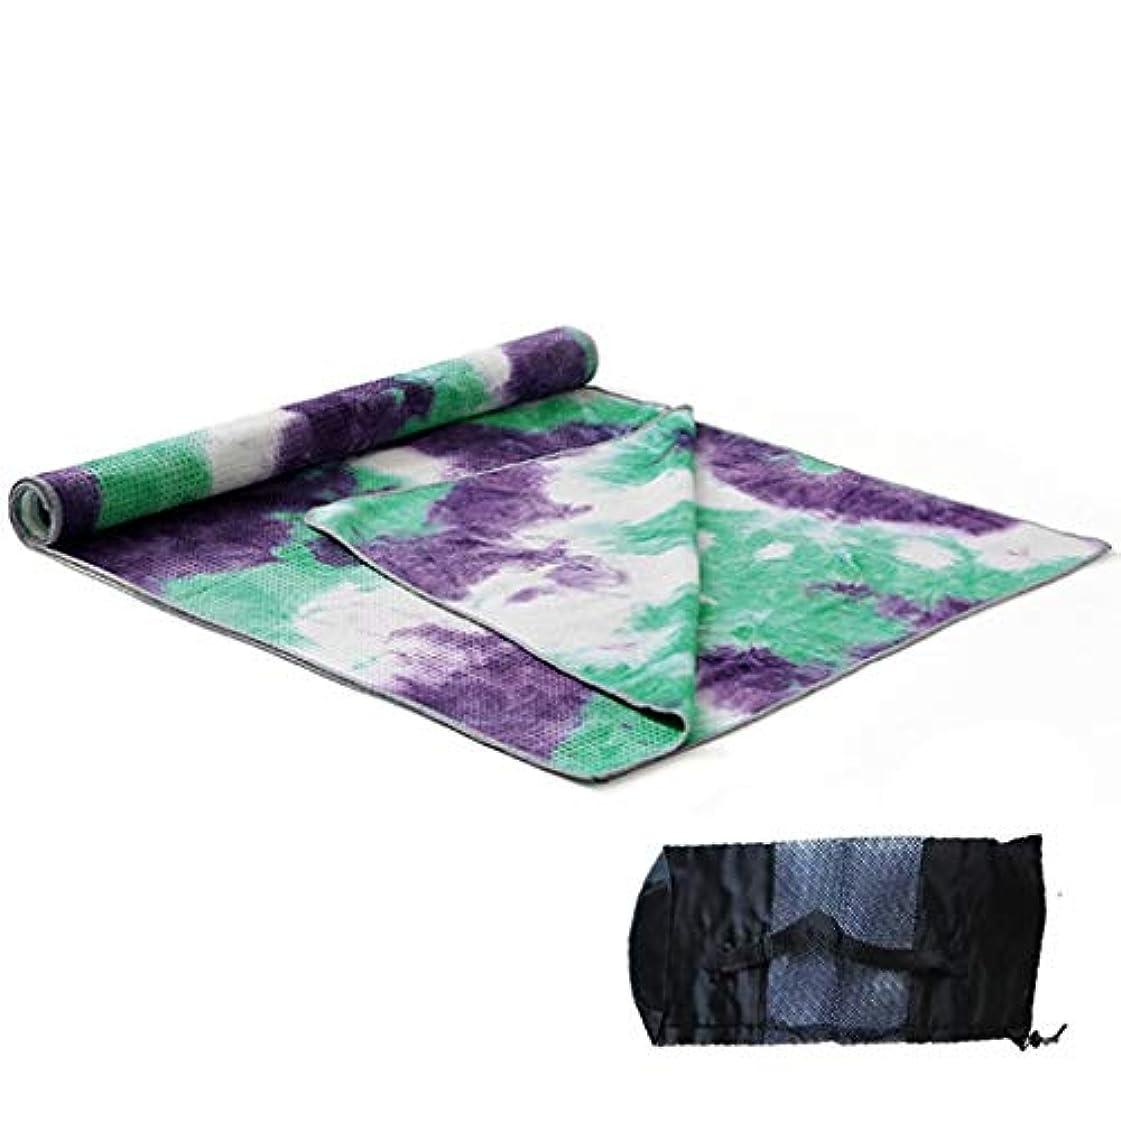 ありそう充電ケント寝袋アウトドアアウトドアブッシュスリーシーズンキャンプ ノンスリップヨガクッションフィットネスマット面ヨガ用ホットヨガやピラティス収納袋付き183 * 63センチ7スタイル で利用できる単一の二重色 (色 : Style1)